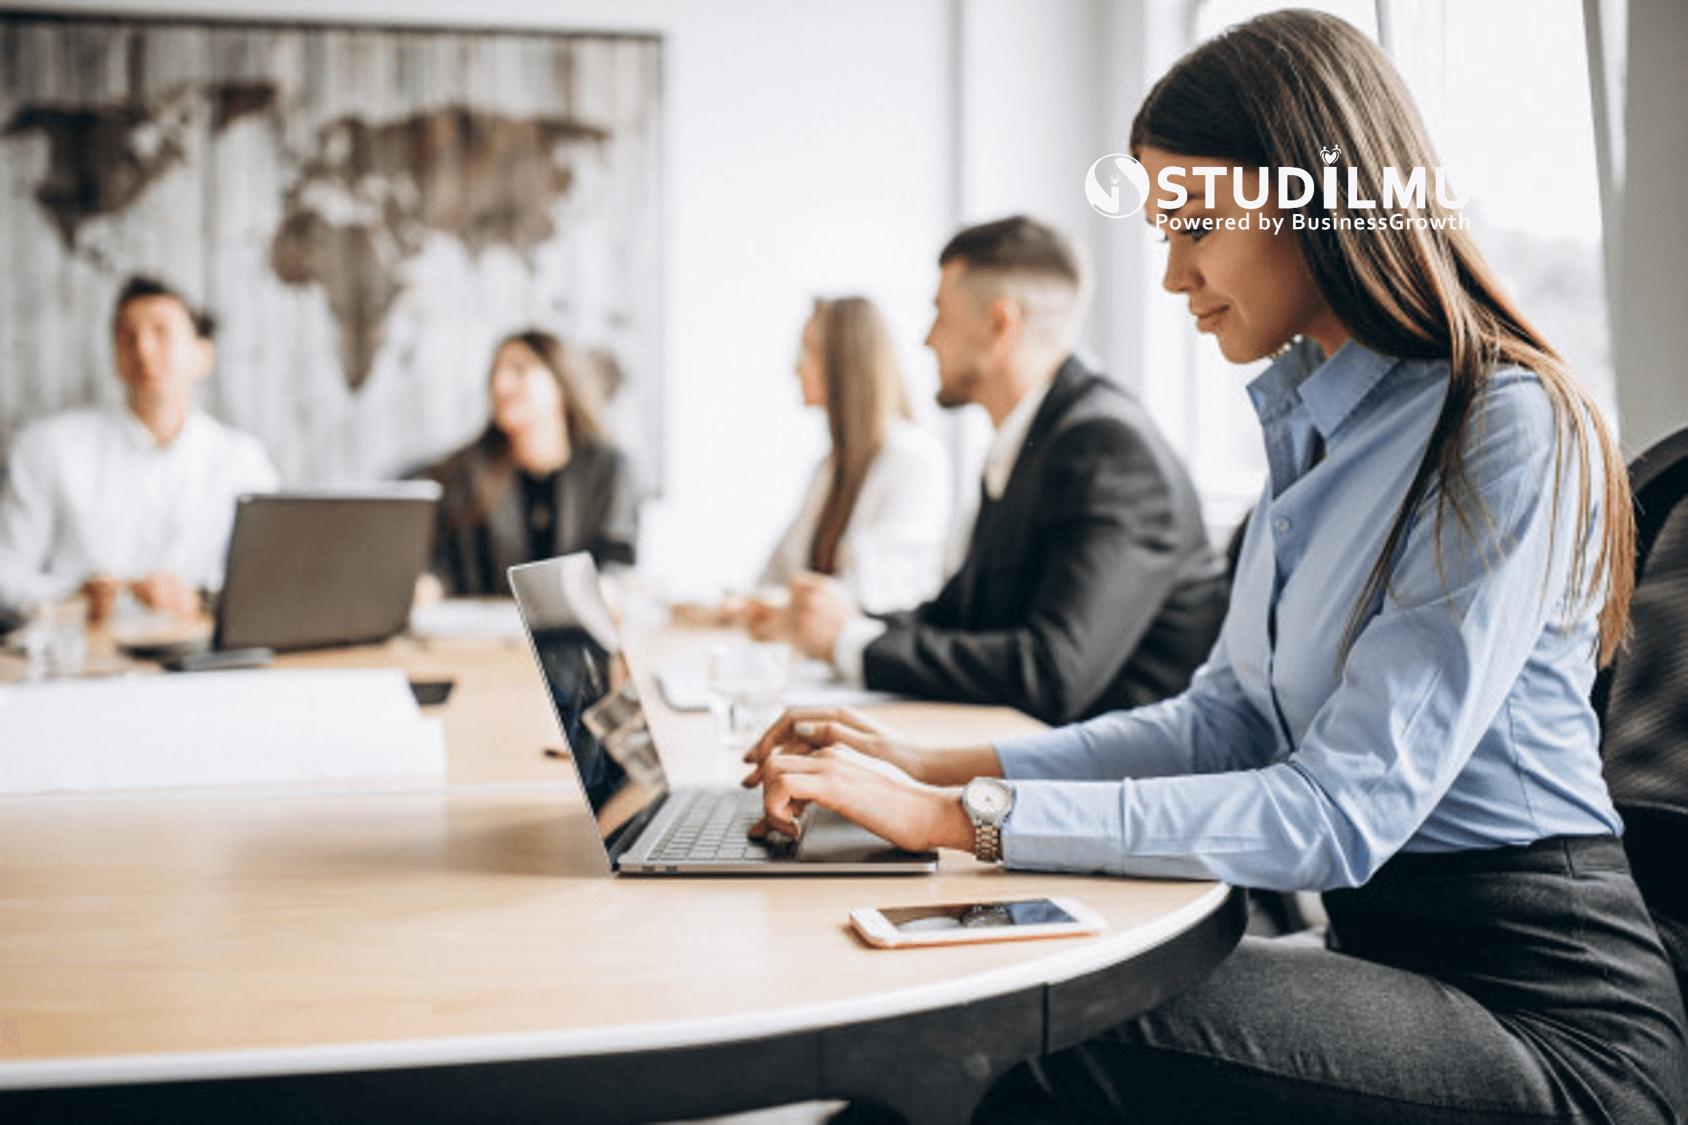 STUDILMU Career Advice - 8 Kebahagiaan bagi Generasi Millennial di Tempat Kerja